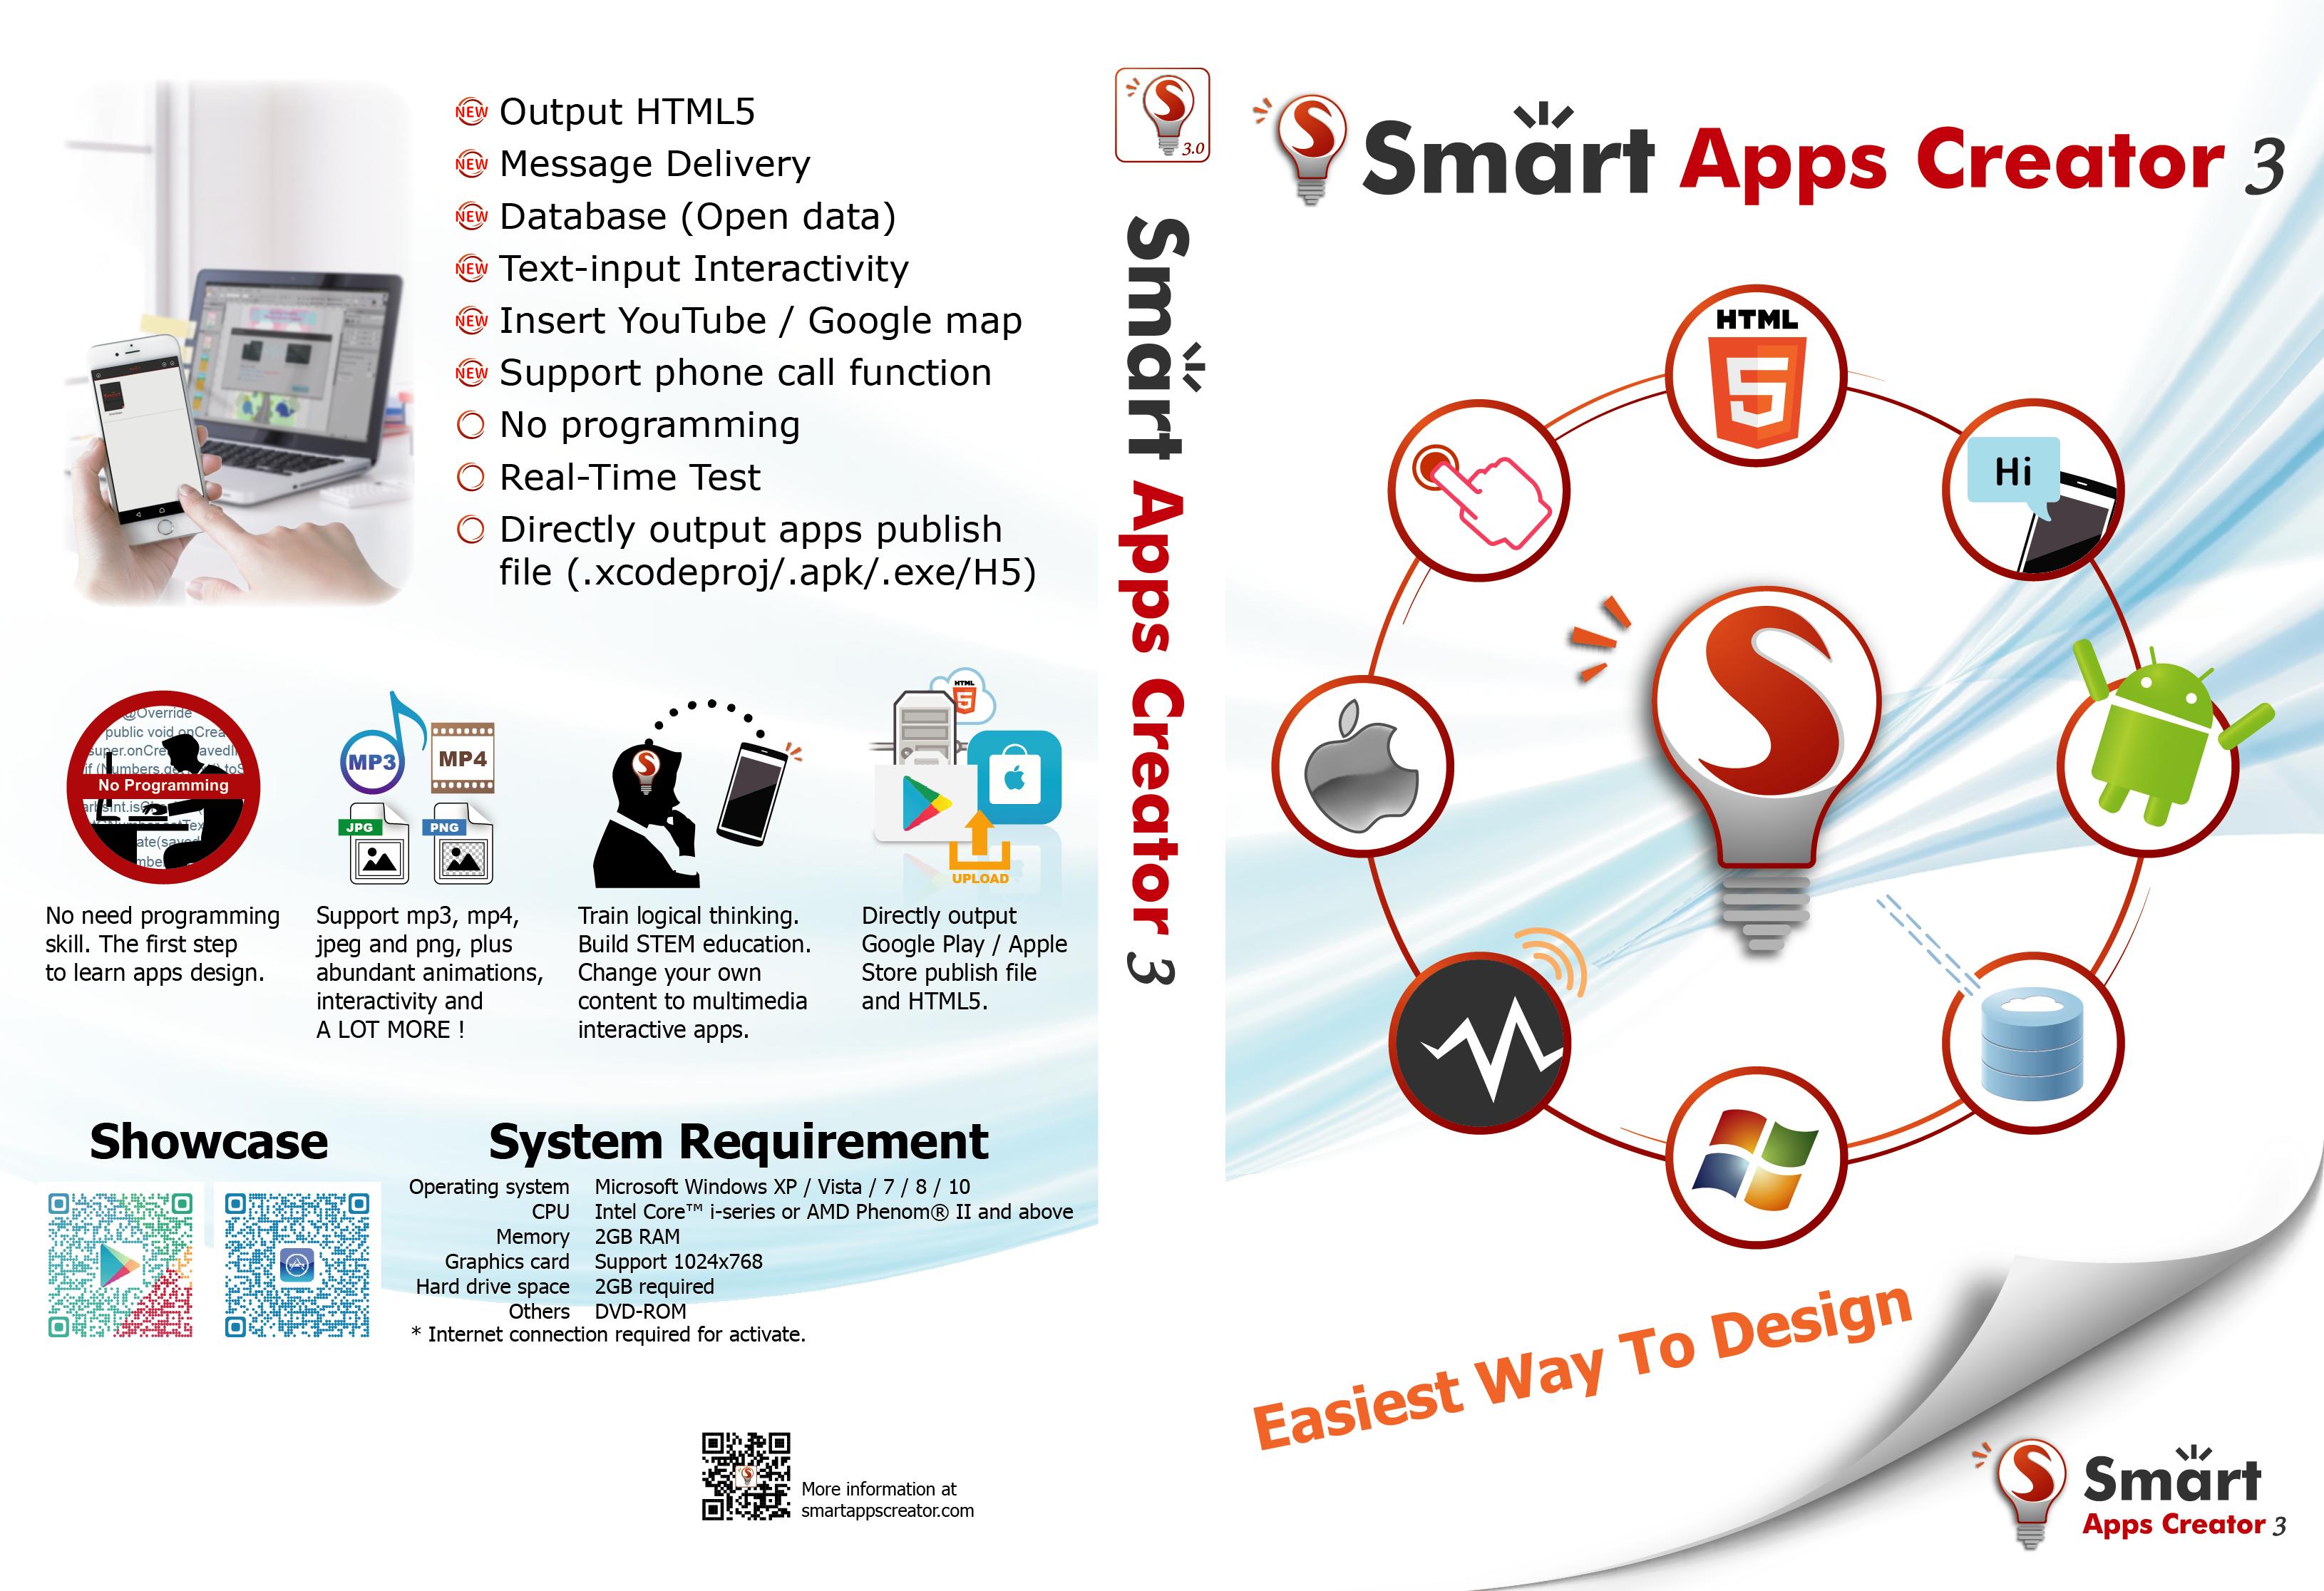 Smart Apps Creator 3, einfachste Art, App + HTML5 zu gestalten (Einjahresabonnement) [Download]